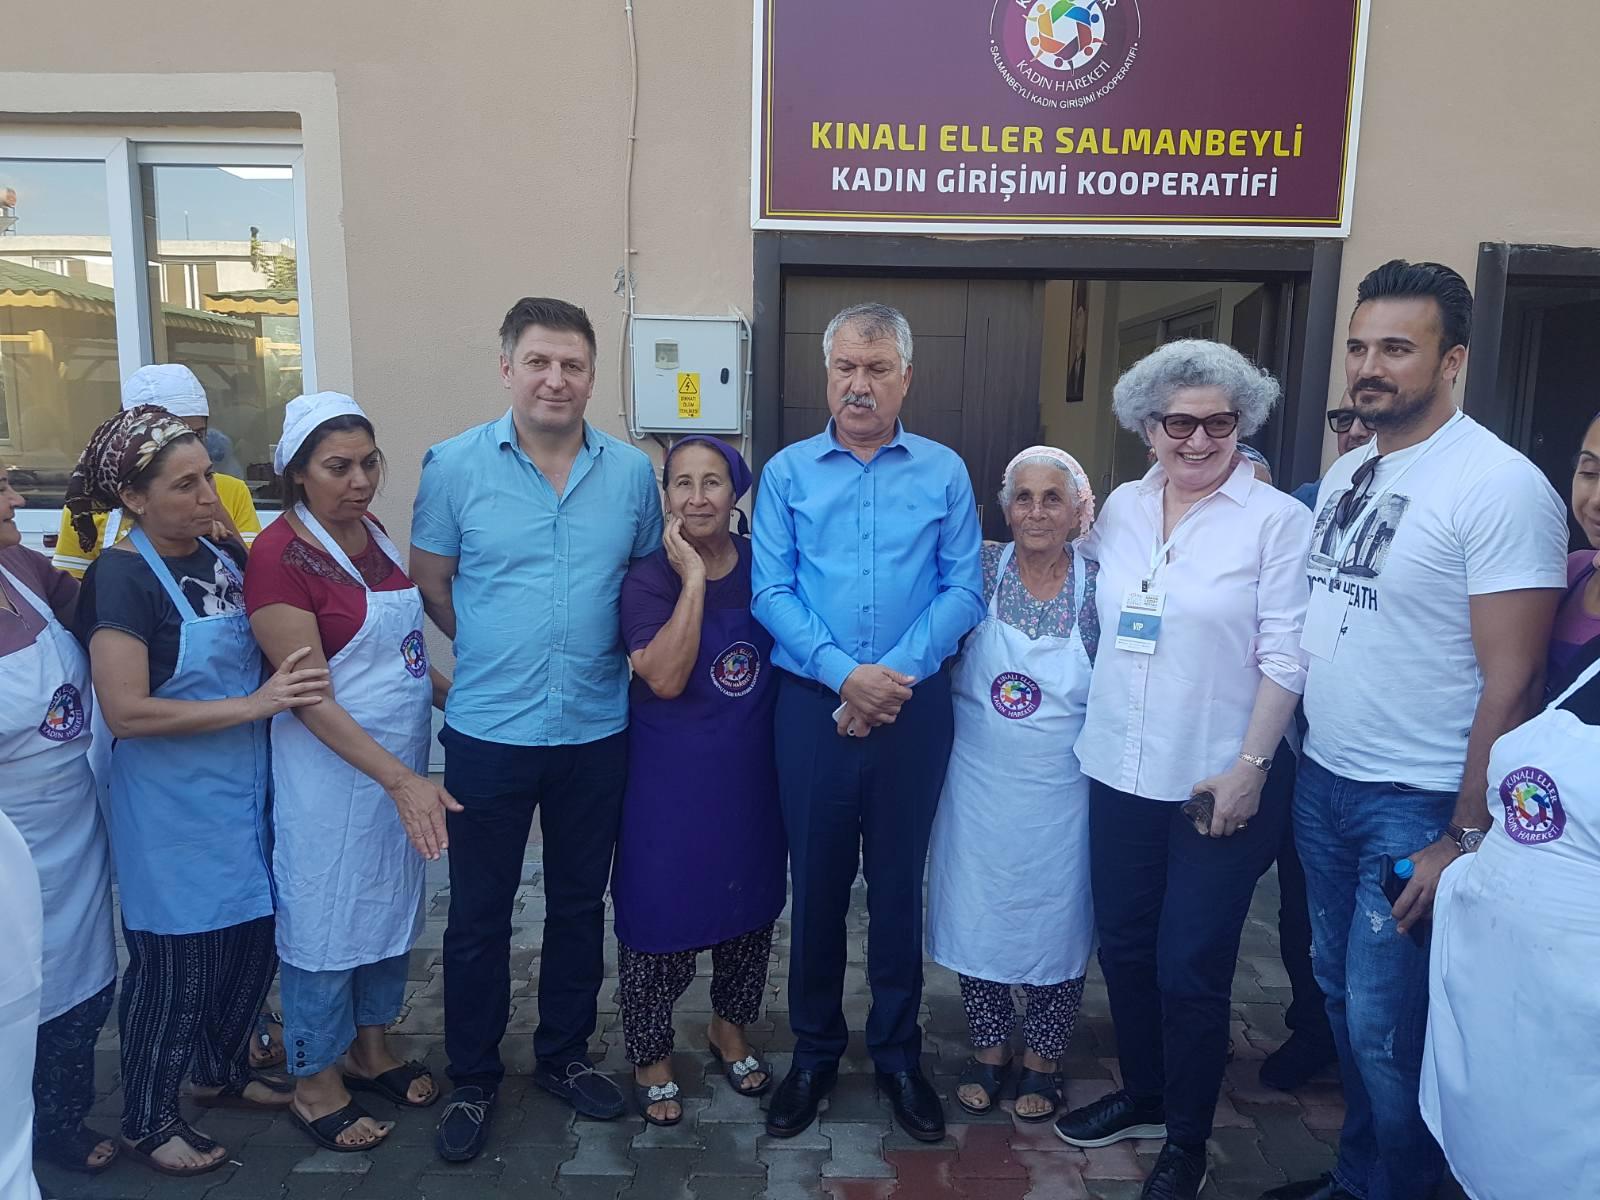 Nihad Mameledžija nakon festivala u Adani: Želim u Sarajevo dovesti najbolje svjetske kuhare